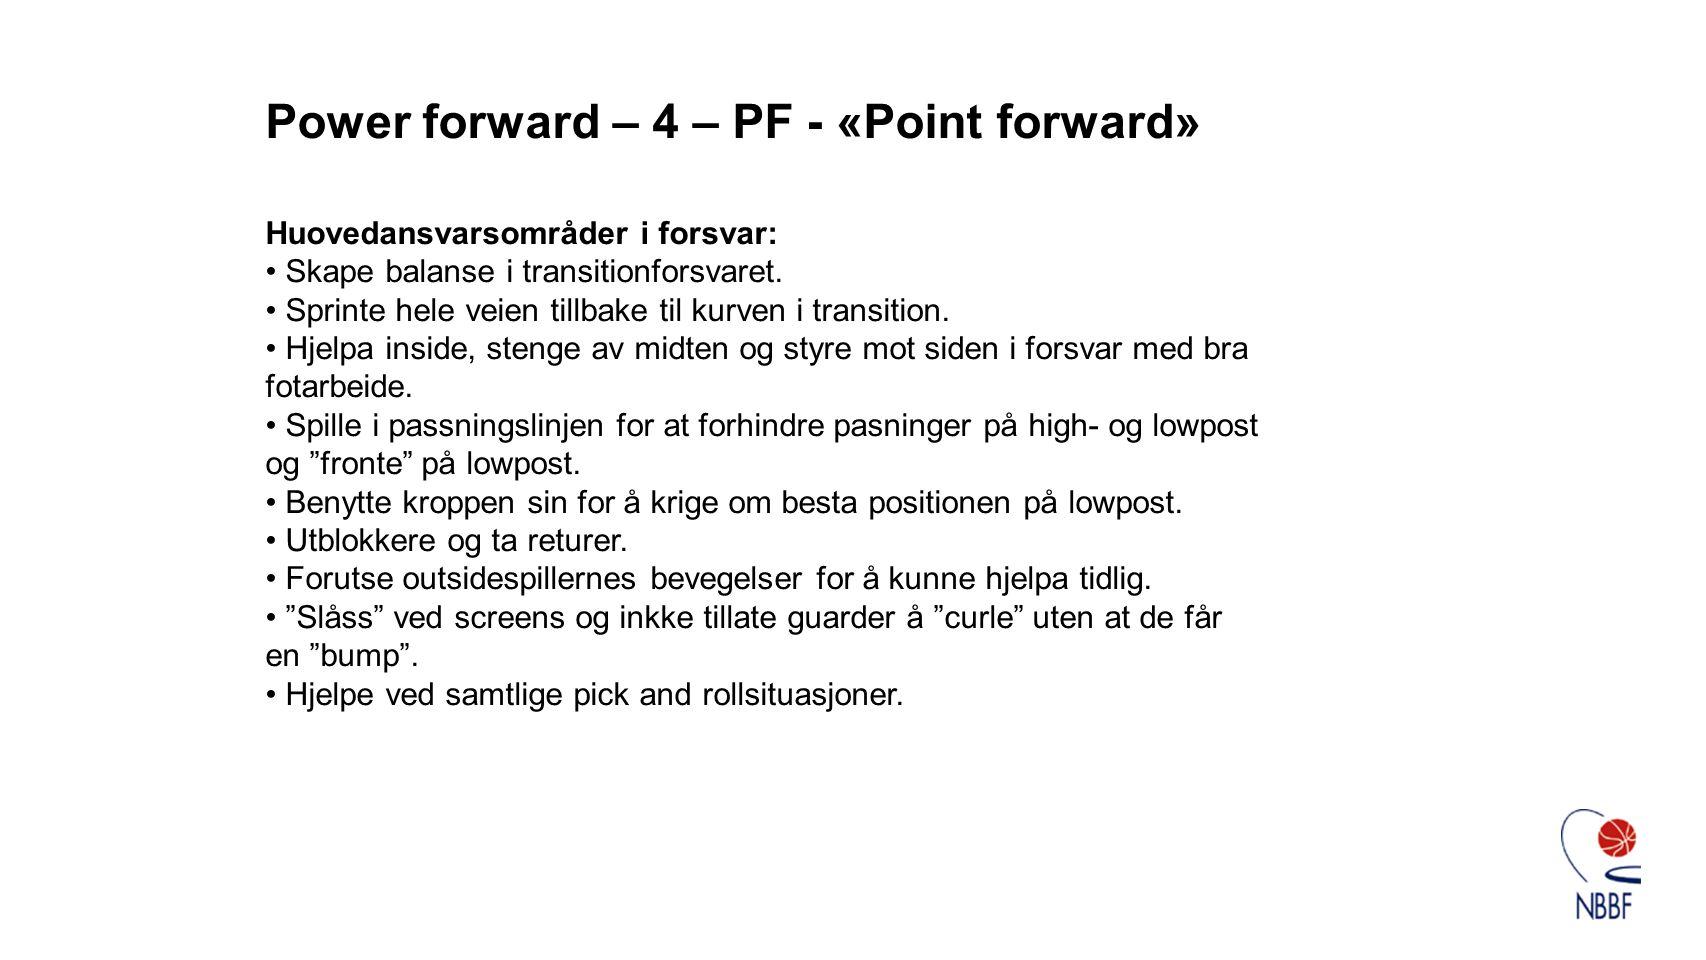 Power forward – 4 – PF - «Point forward» Huovedansvarsområder i forsvar: • Skape balanse i transitionforsvaret. • Sprinte hele veien tillbake til kurv